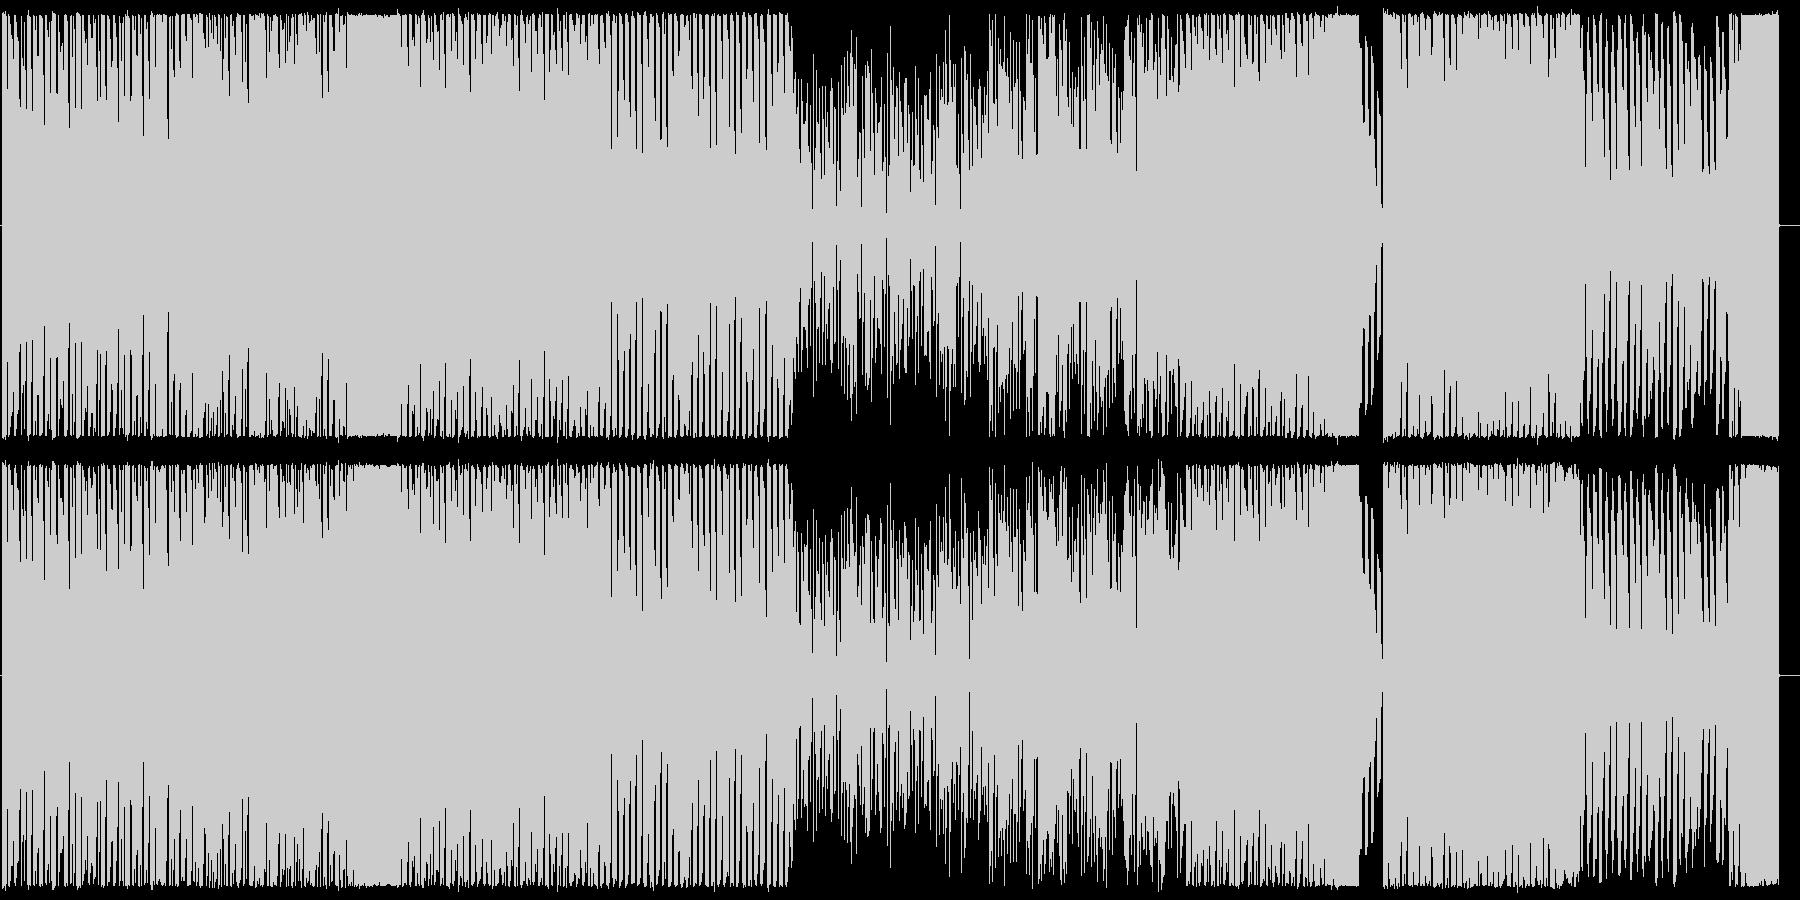 ハイテンポで楽しいイメージのBGMの未再生の波形